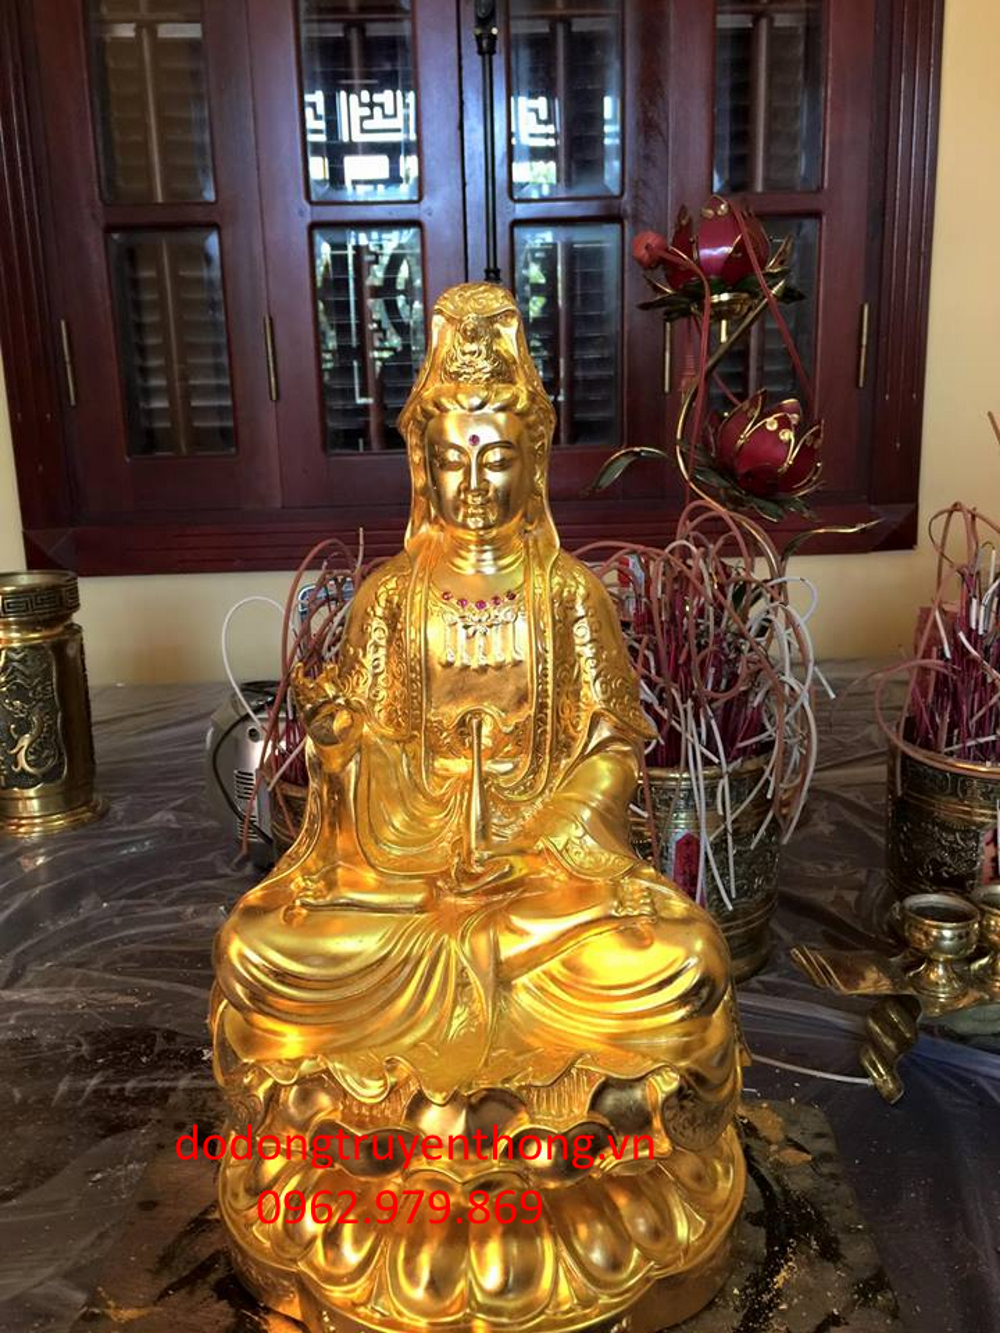 Nhận dát vàng tượng phật bà bằng vàng lá 24 k chuẩn tại hà nội